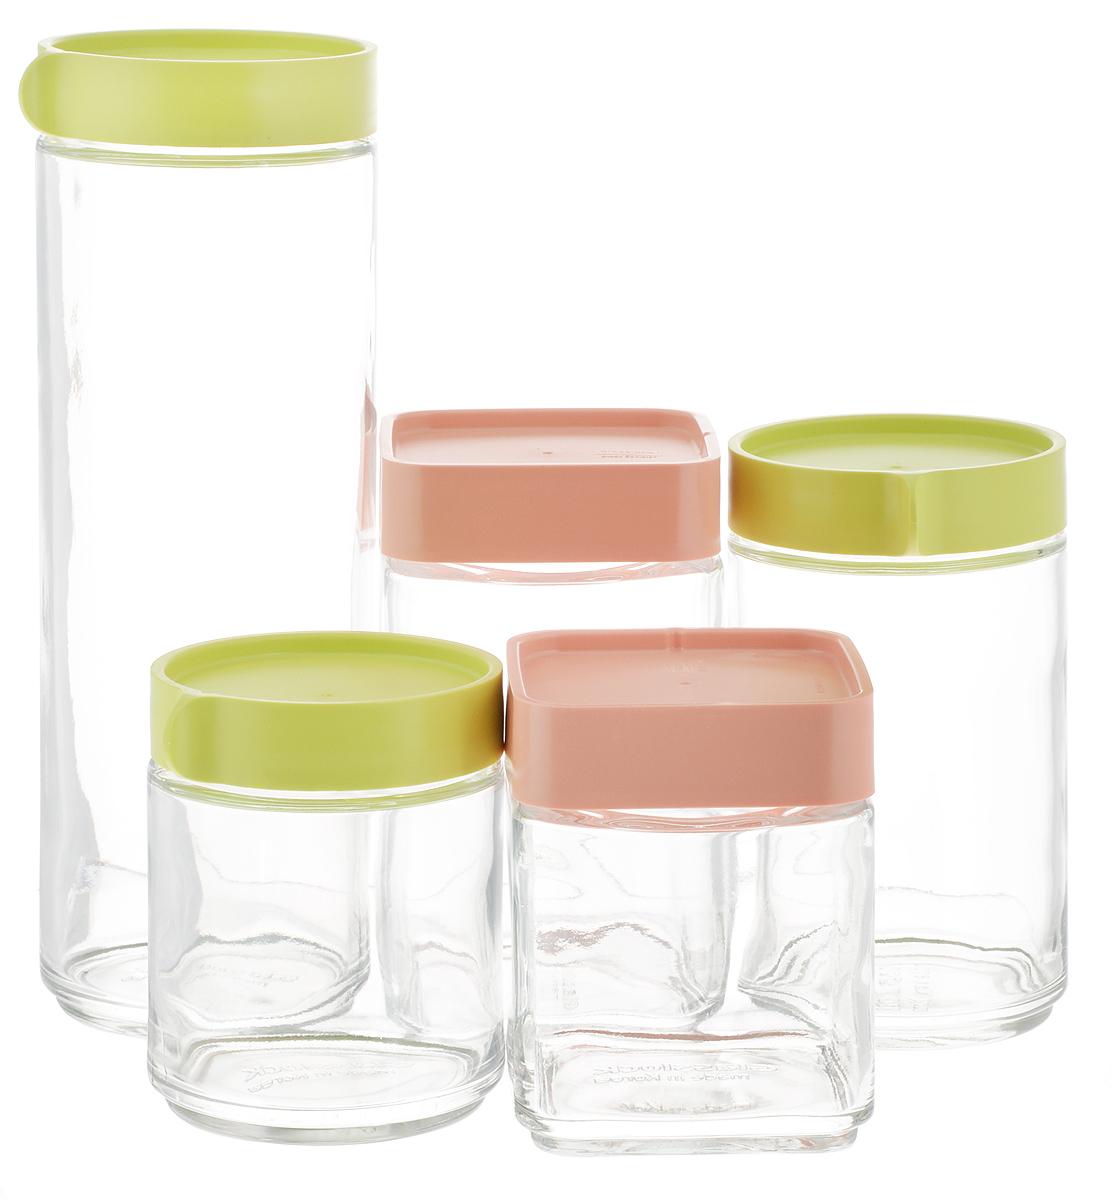 Набор емкостей для сыпучих продуктов Glasslock, 3 шт + ПОДАРОК: Набор емкостей для сыпучих продуктов Glasslock, 2 шт чаша для свч glasslock 330 мл